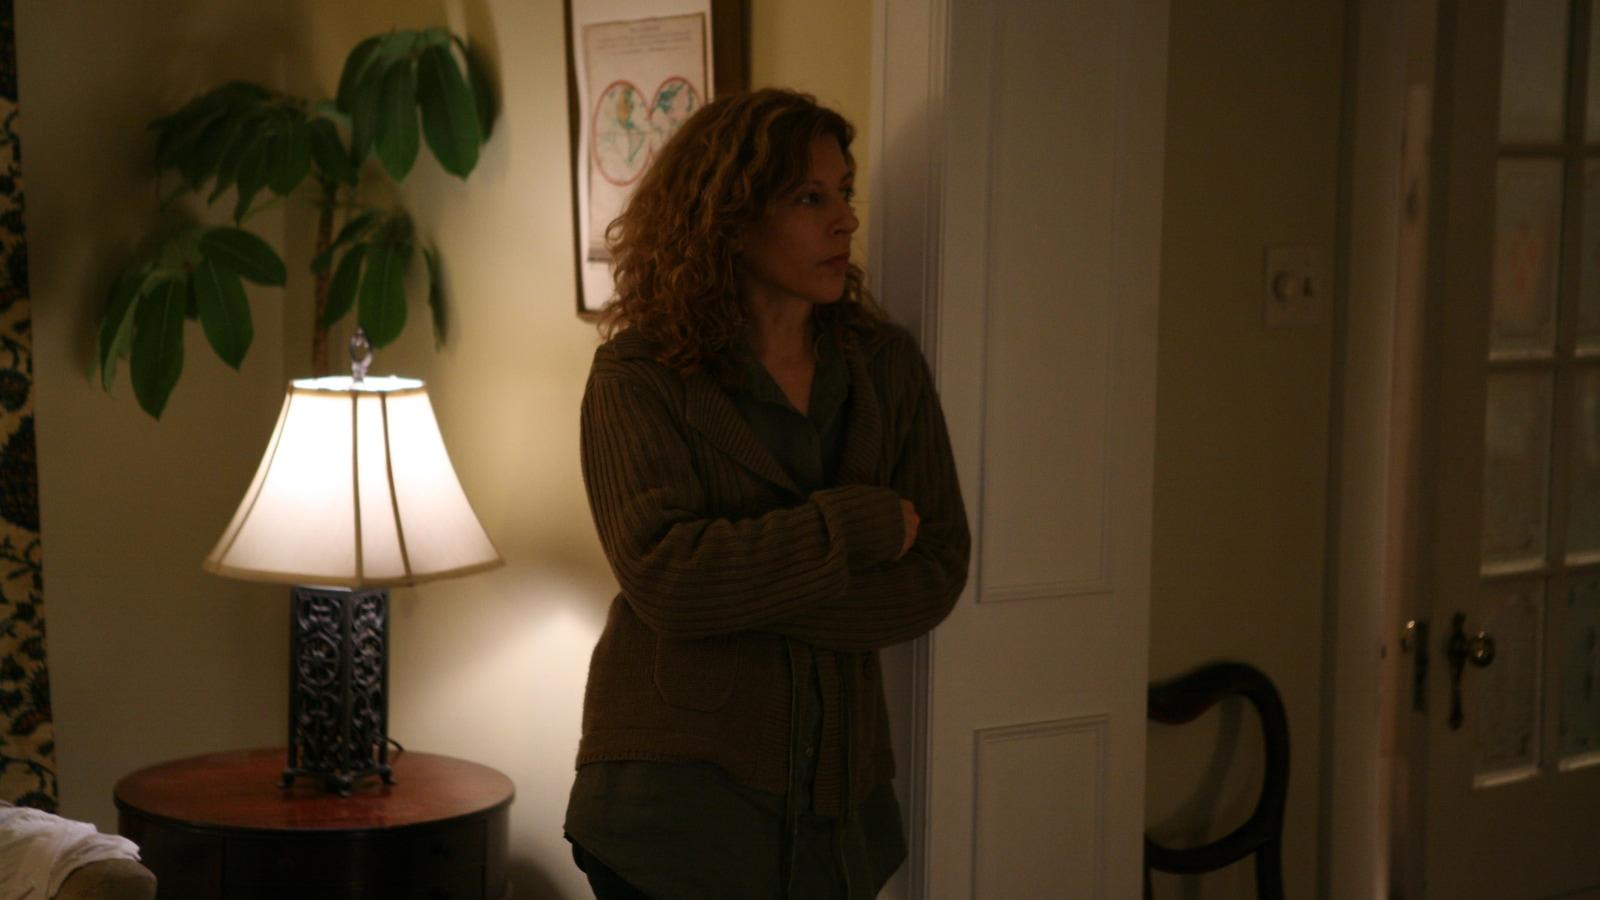 Une femme, dans un appartement, appuyée contre un cadre de porte.